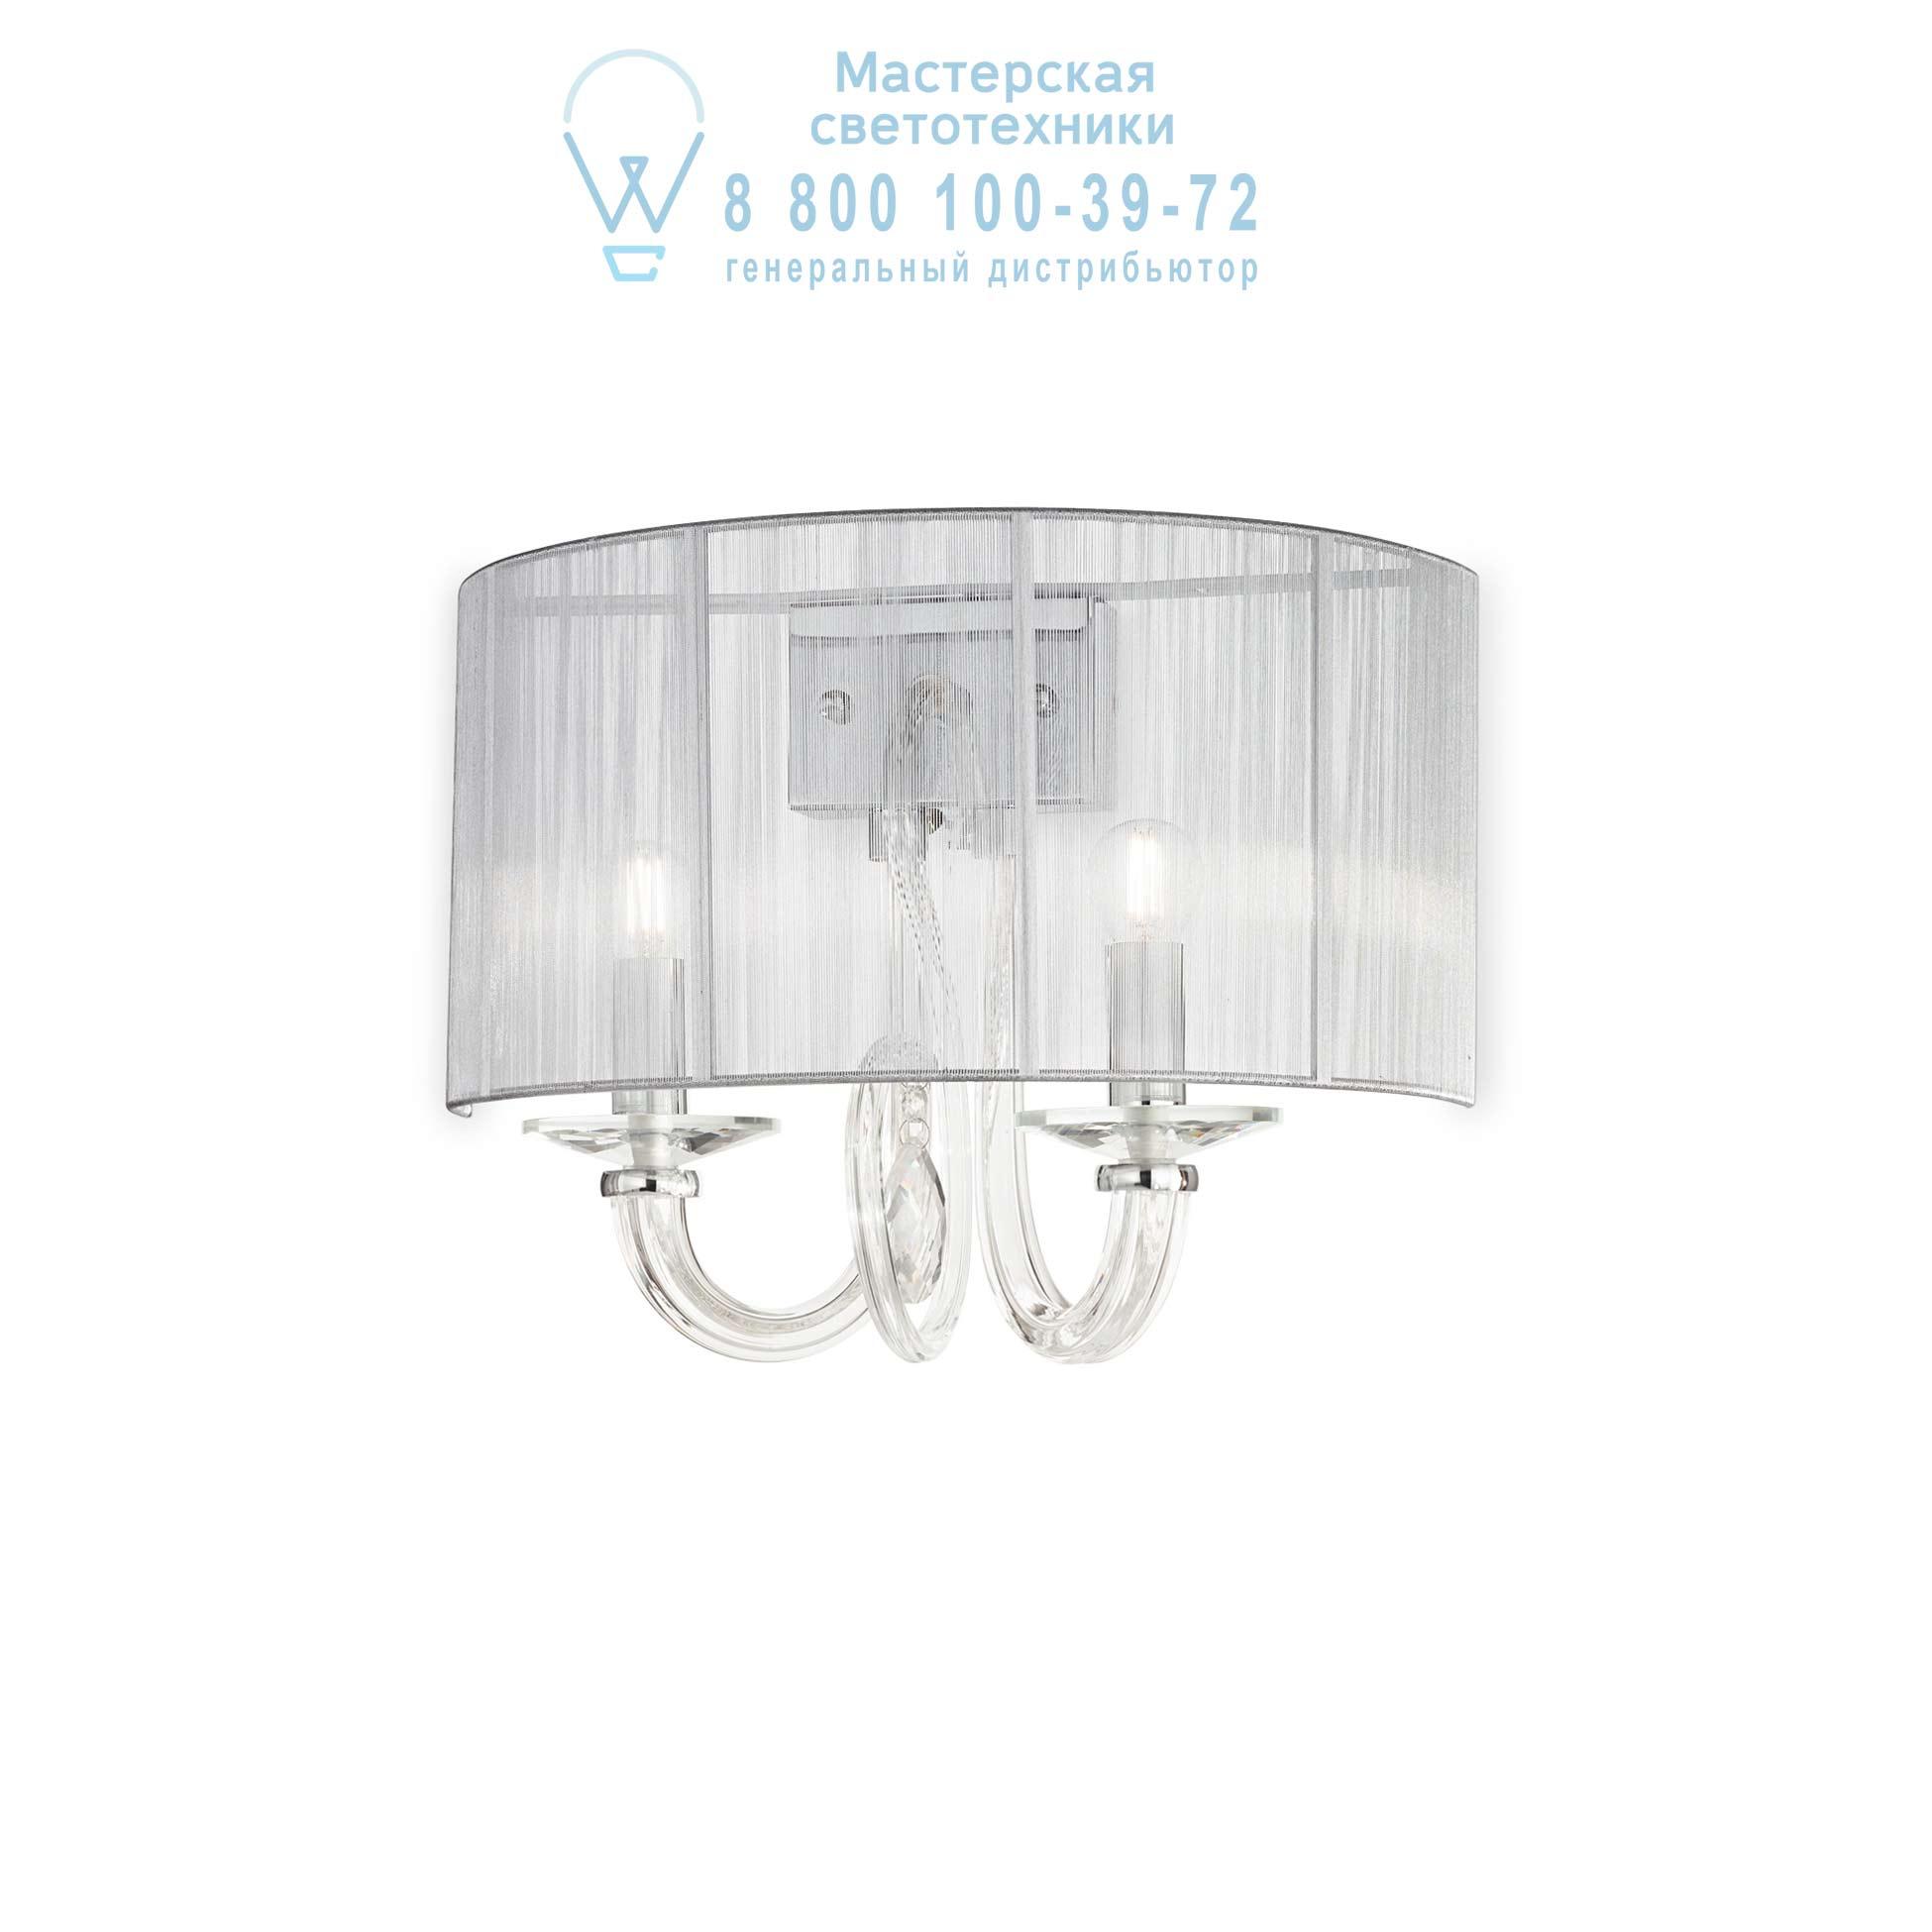 SWAN AP2 ARGENTO накладной светильник серый